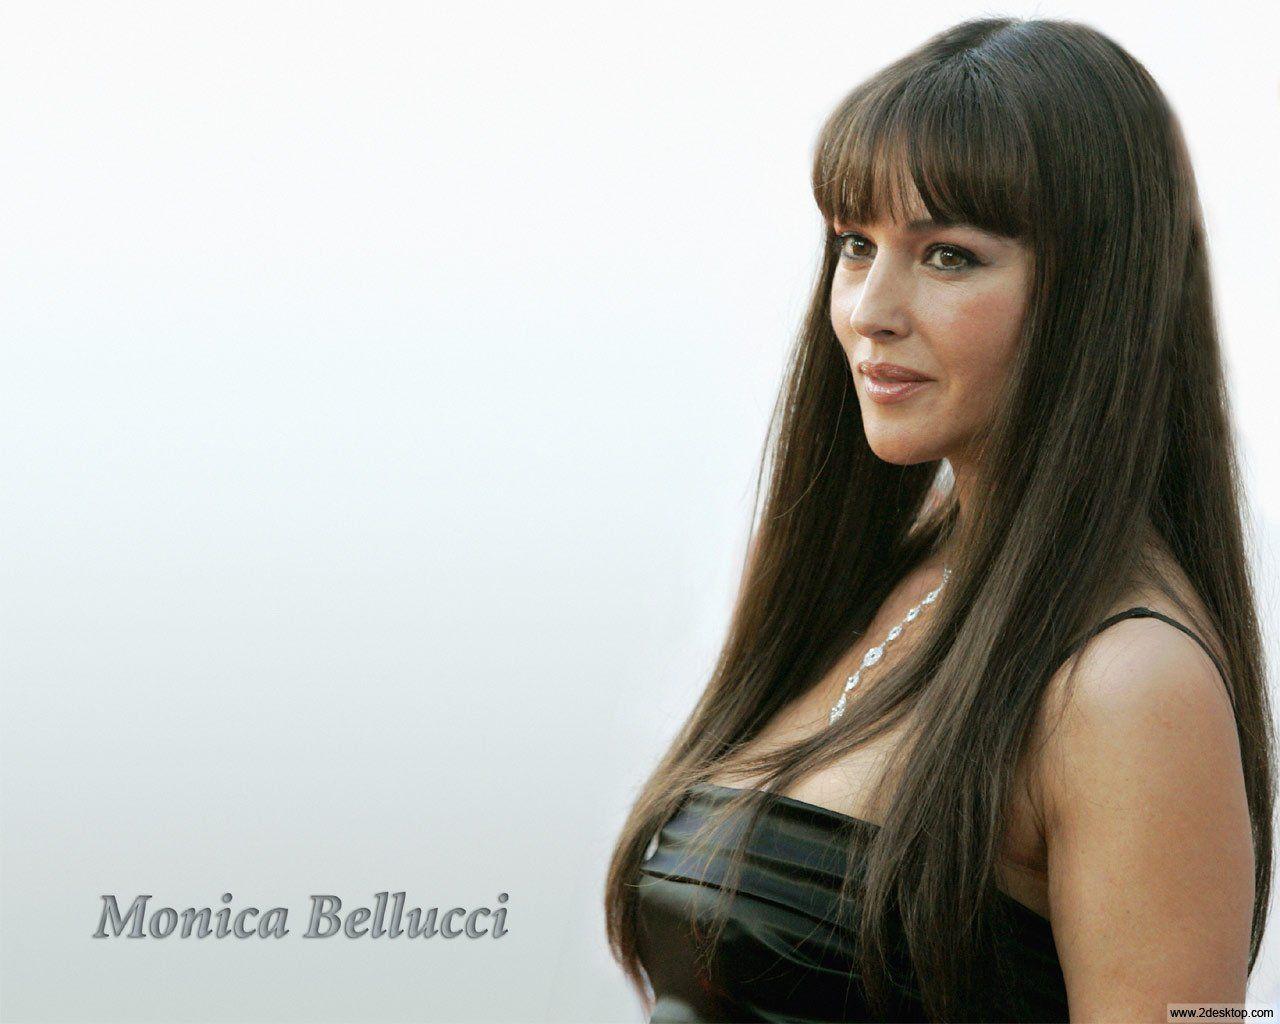 http://3.bp.blogspot.com/_ZRj5nlc3sp8/S97IdUy9ogI/AAAAAAAACXw/qpVpAM4KOPQ/s1600/Monica+Bellucci+Wallpapers+10.jpg